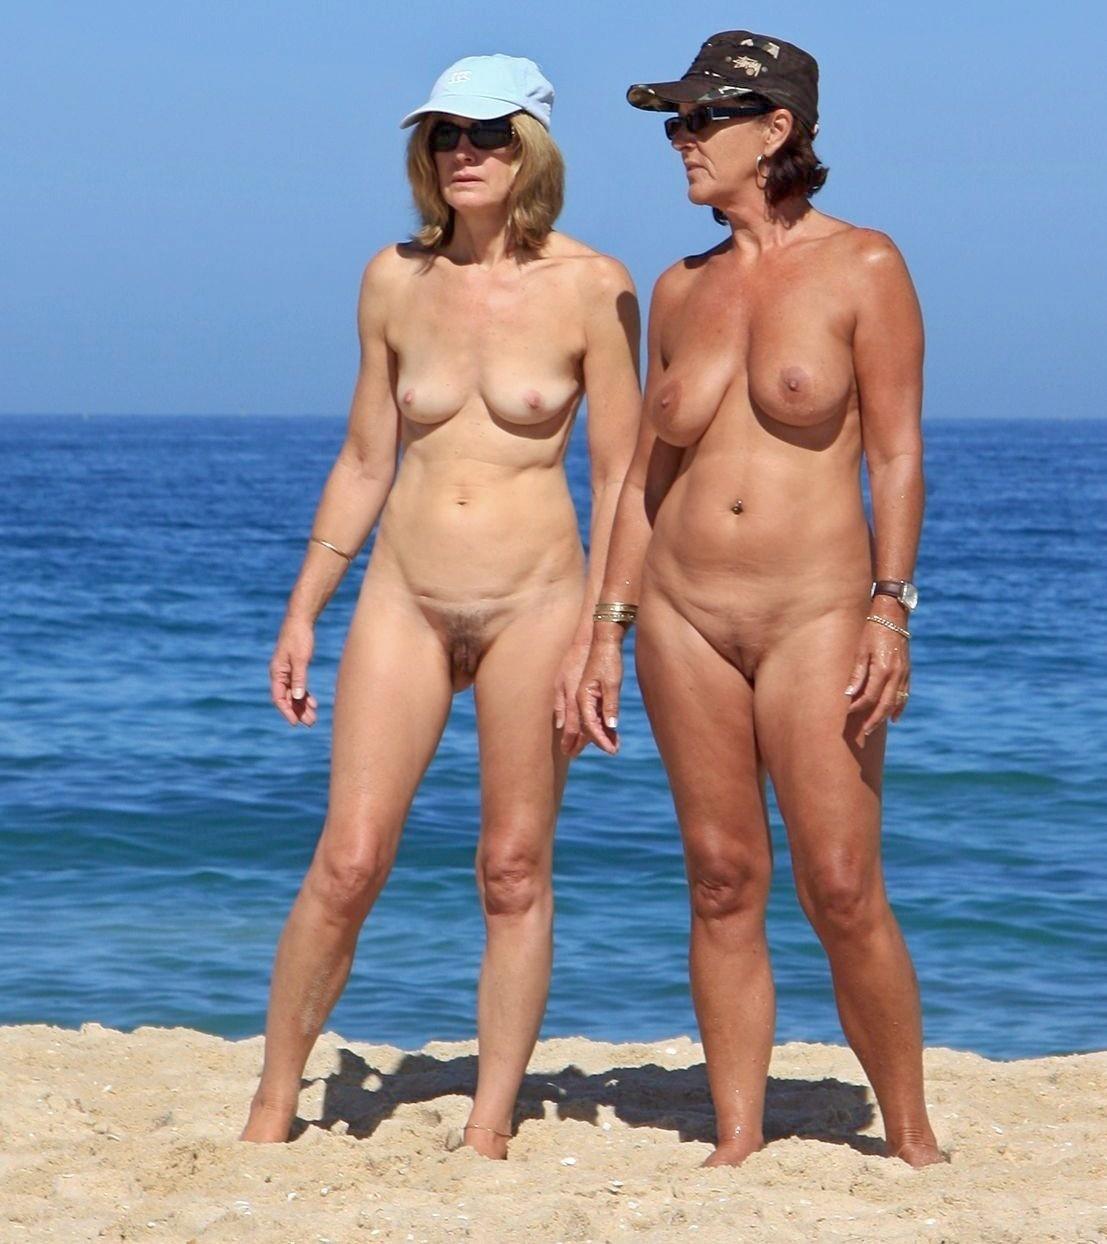 Пляжная эротика - компиляция 12